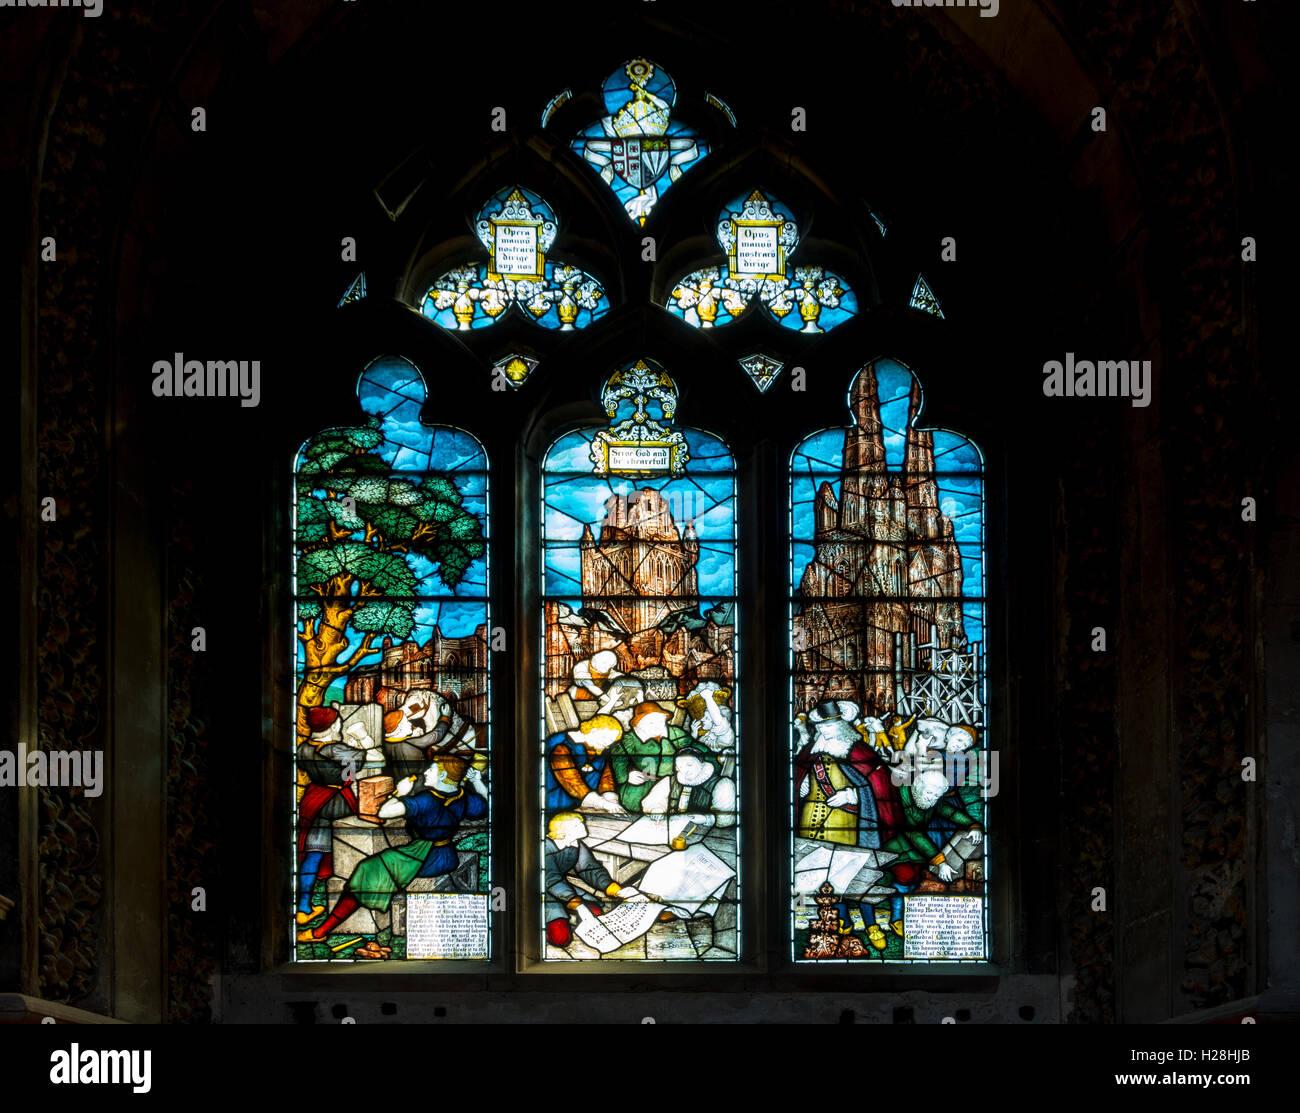 Vidriera mostrando los daños sufridos durante la Guerra Civil, la Catedral de Lichfield, Lichfield, Staffordshire, Inglaterra, Reino Unido. Foto de stock